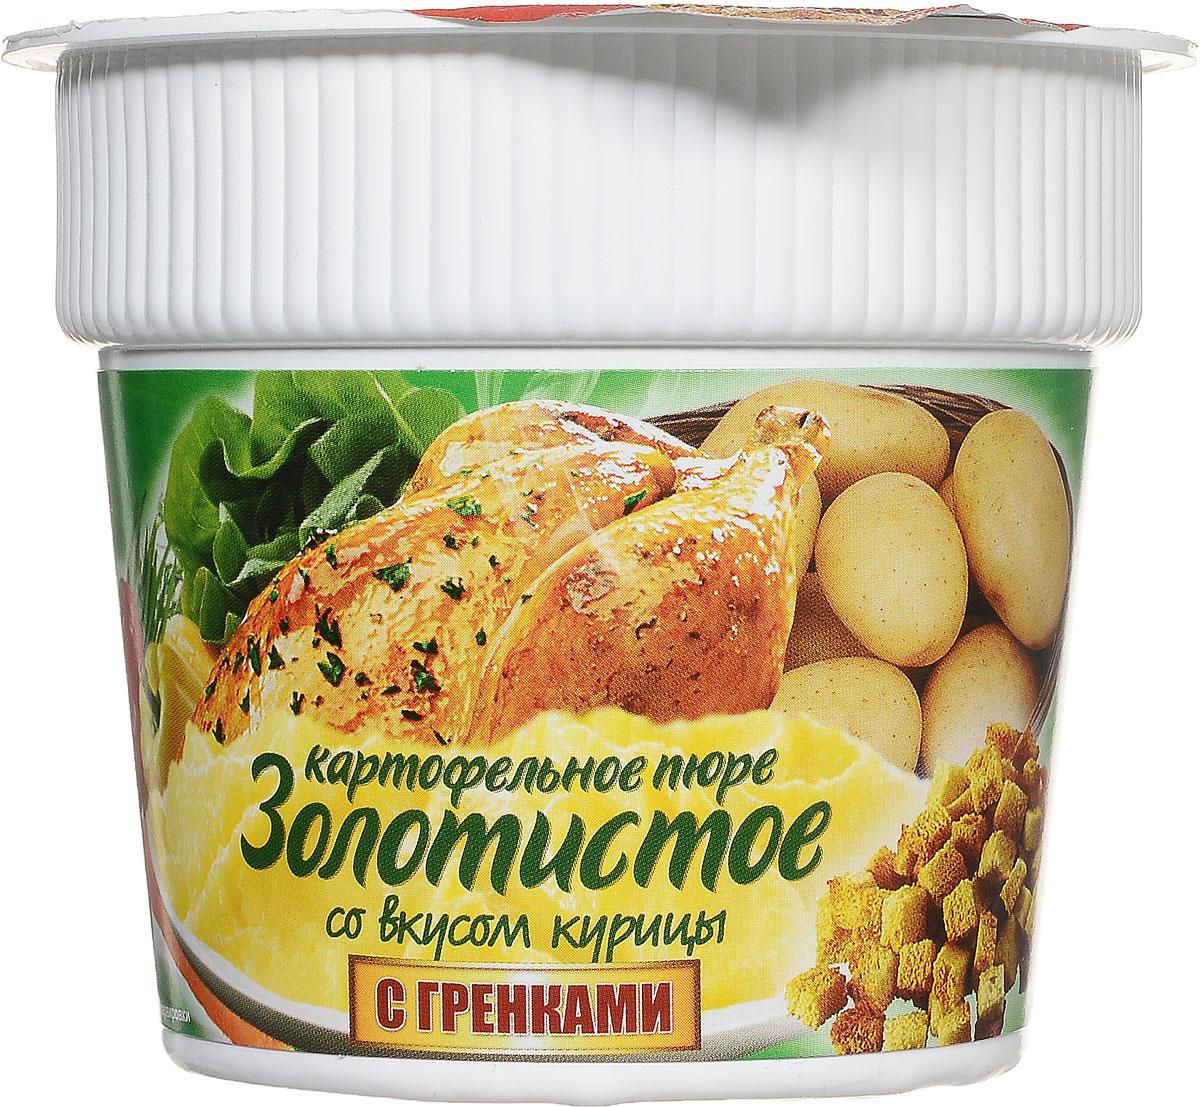 """Картофельное пюре быстрого приготовления """"Кухня без границ"""" с гренками и со вкусом курицы. Способ приготовления: Залить содержимое стаканчика кипящей водой. Перемешать, закрыть крышкой. Через 3-4 минуты пюре готово. Приятного аппетита!"""